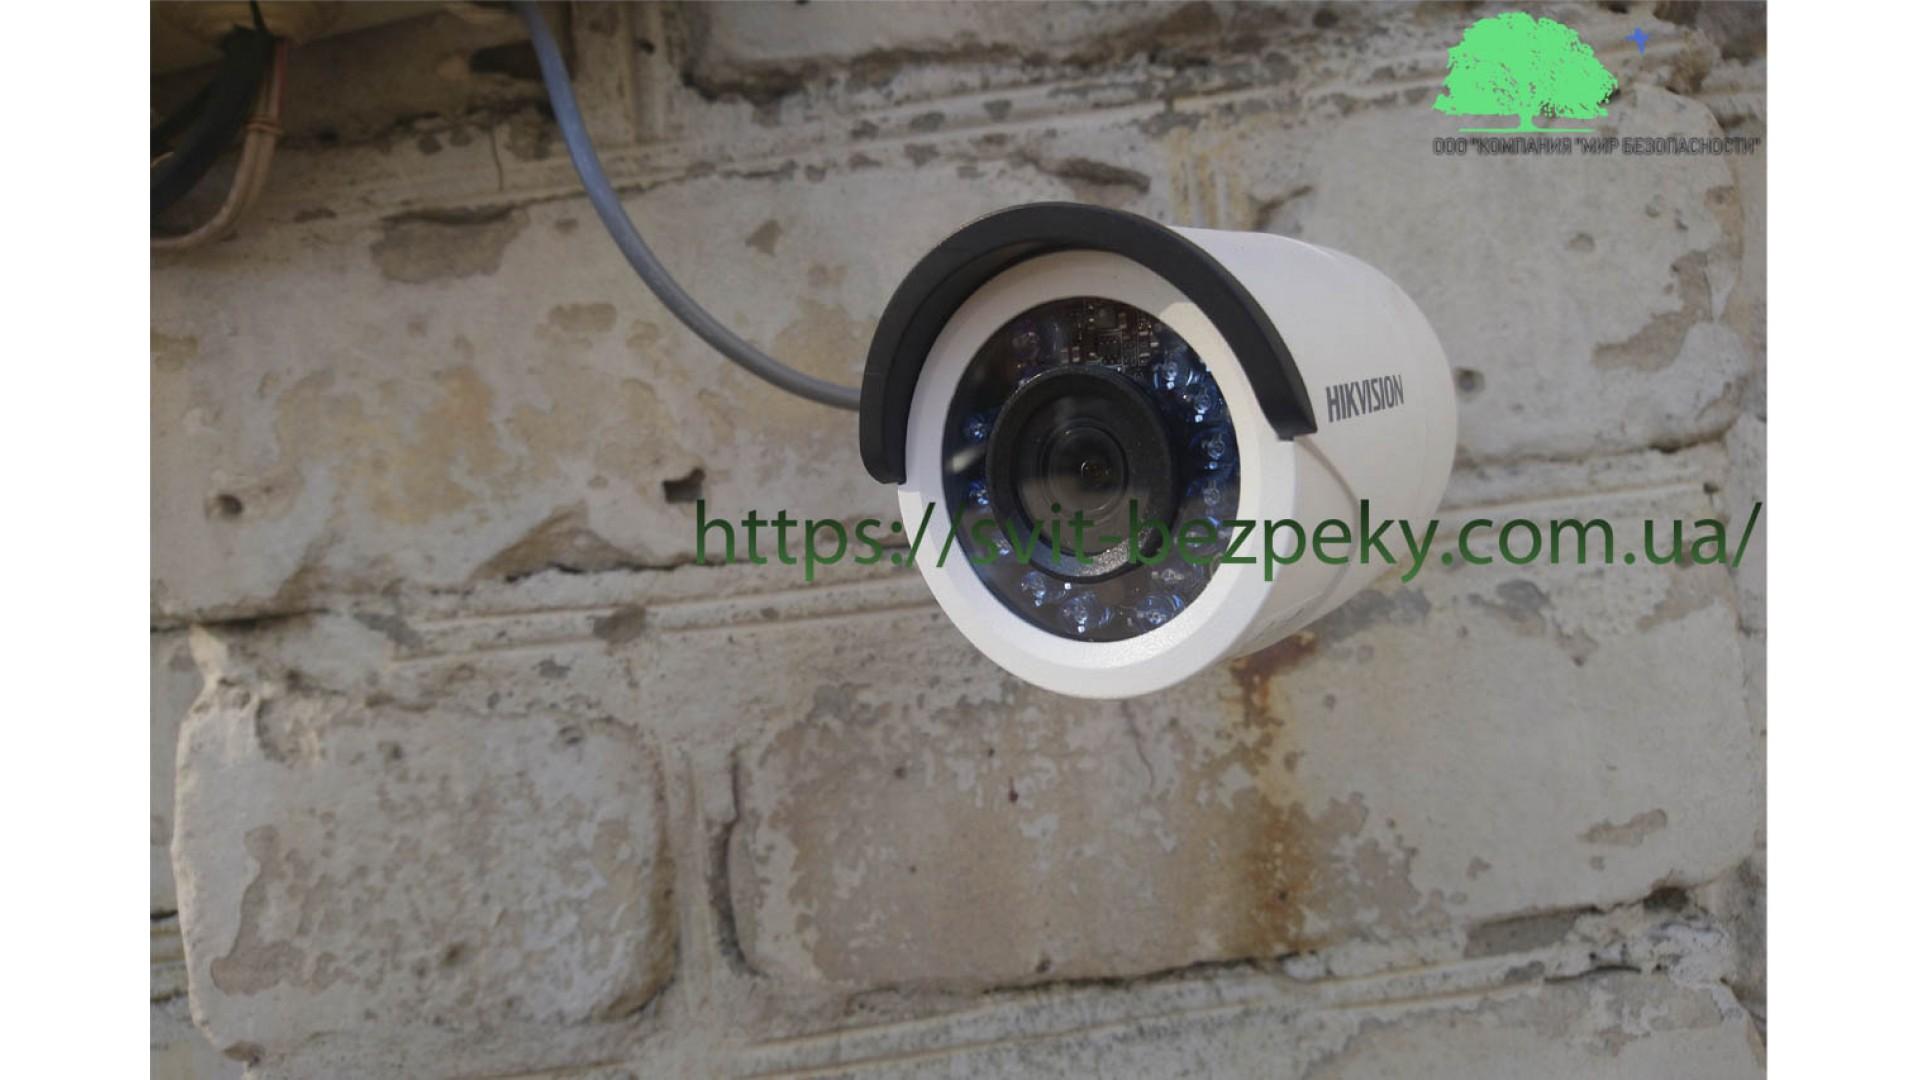 Монтажные работы системы видеонаблюдения